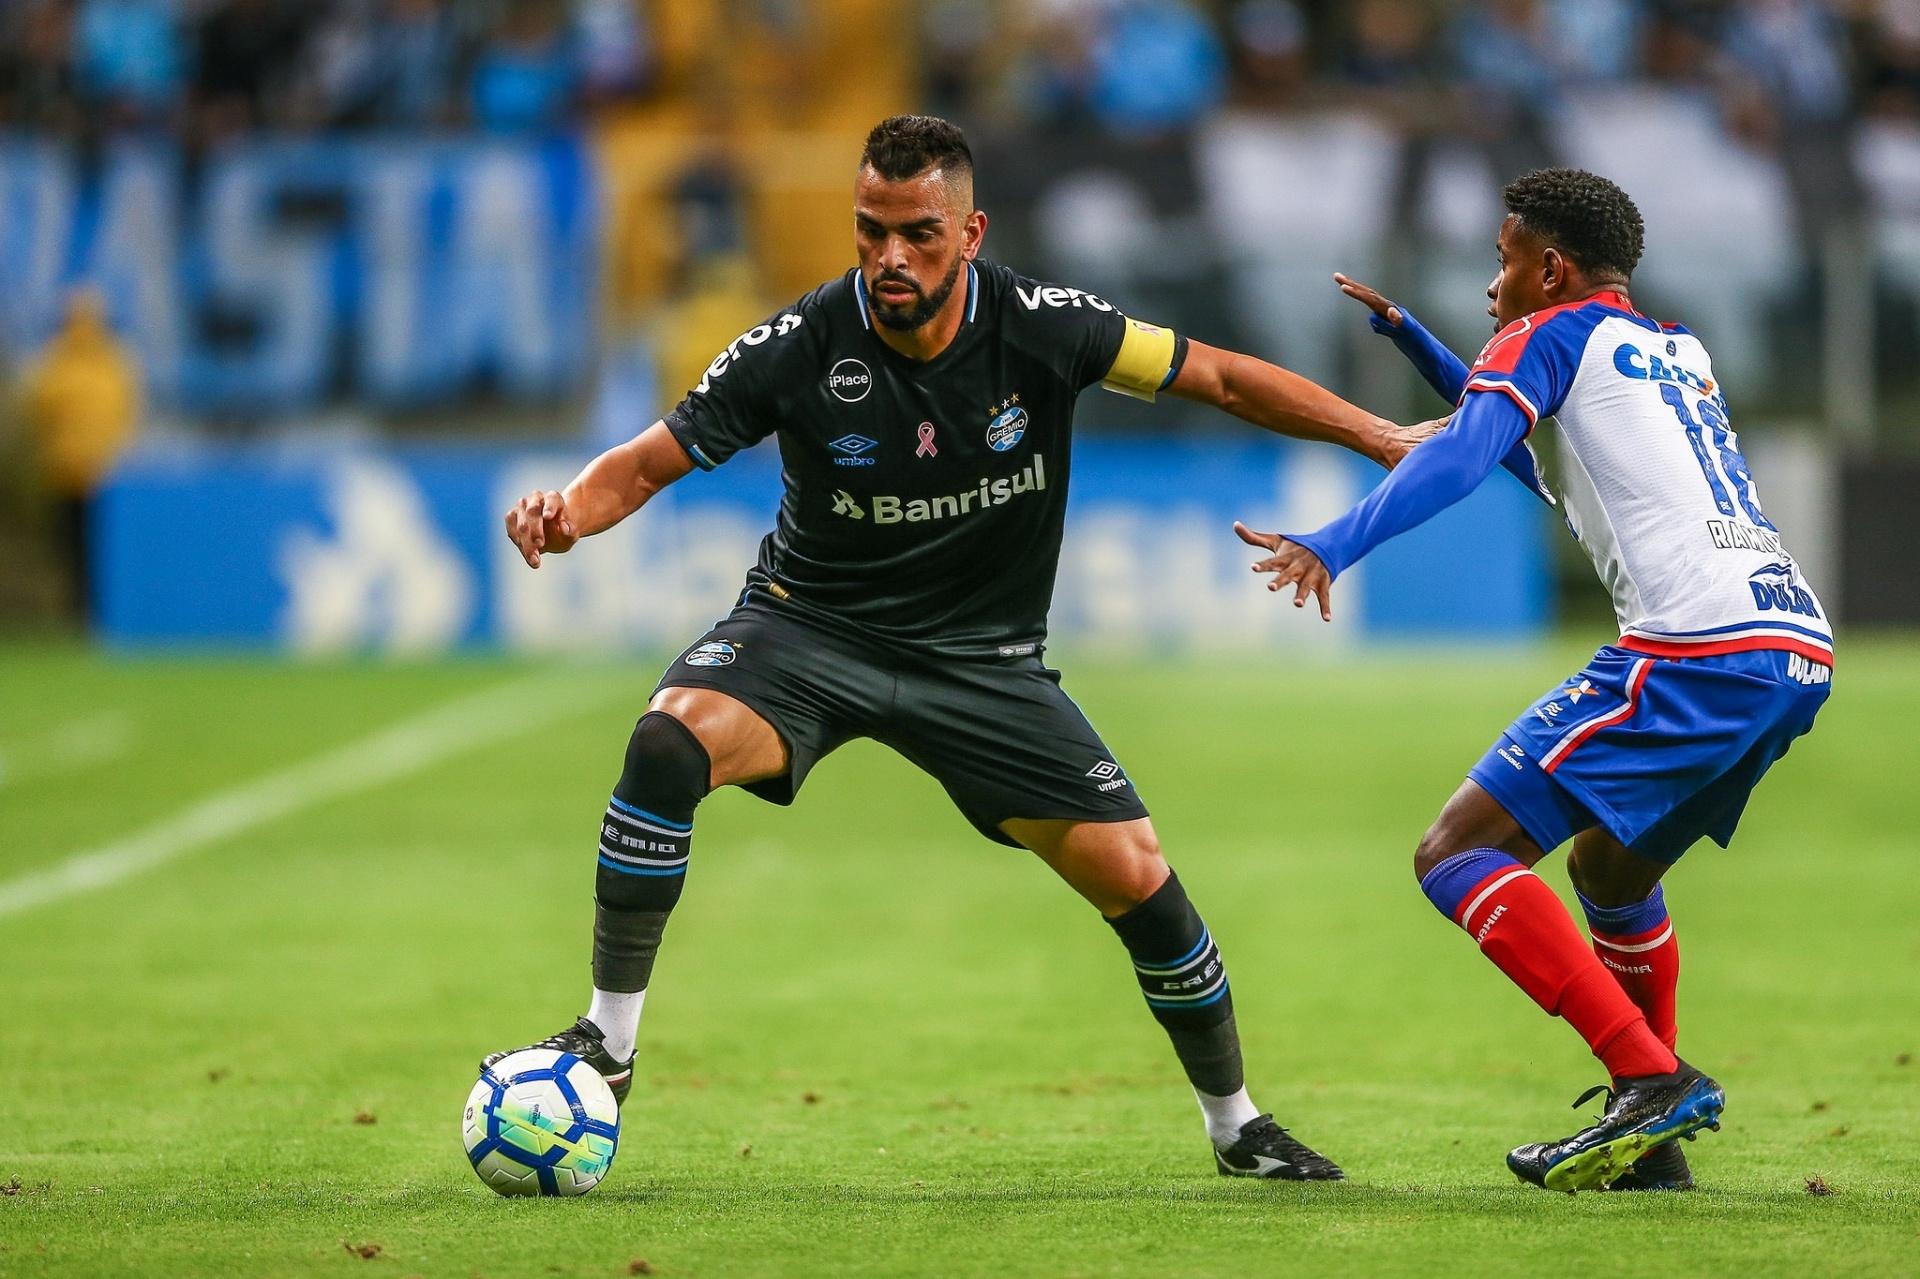 Empate em casa vira  pedra no sapato  do Grêmio no Brasileirão - 07 10 2018  - UOL Esporte 3772f3381921e